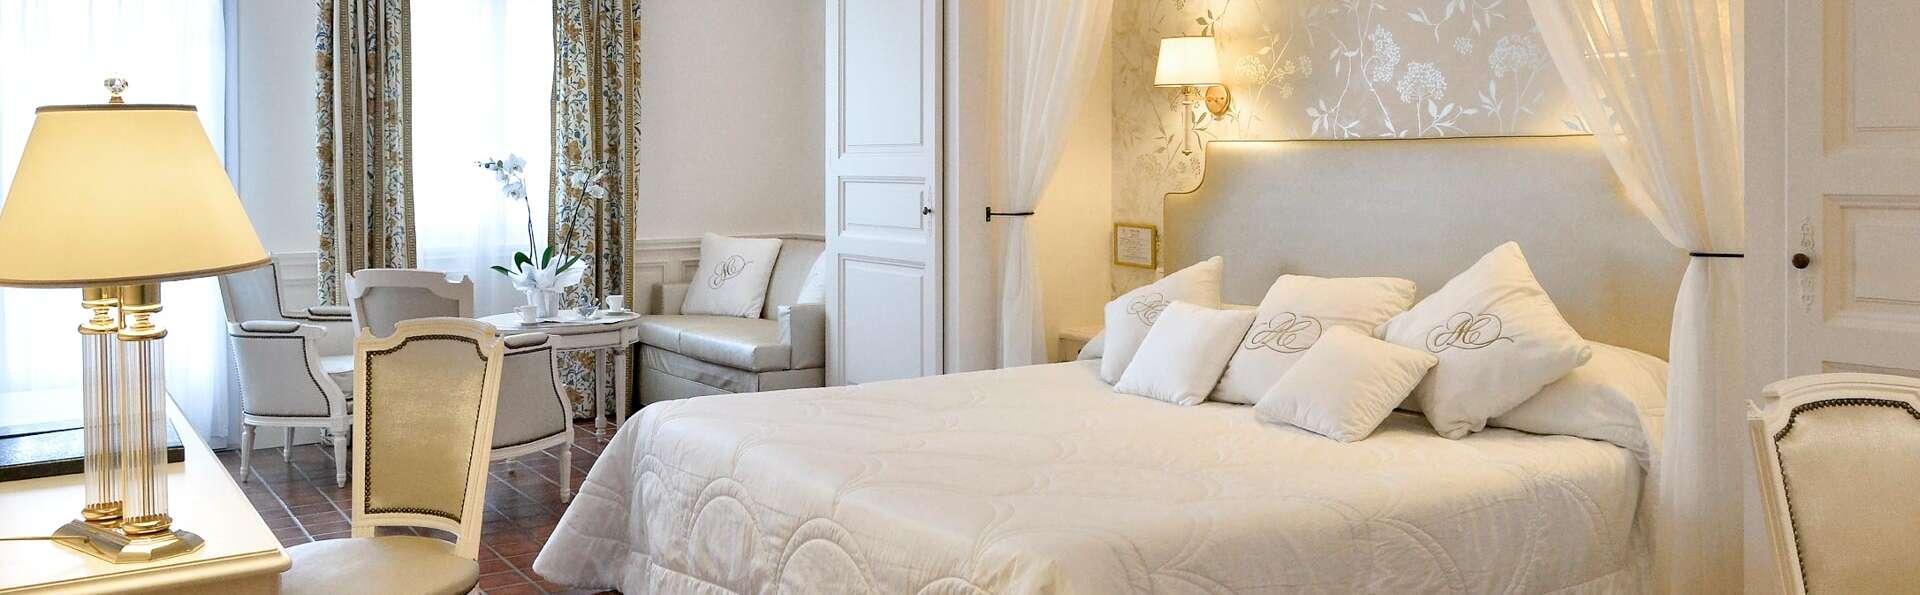 Détente absolue avec bain hydromassant en chambre et accès SPA près d'Avignon